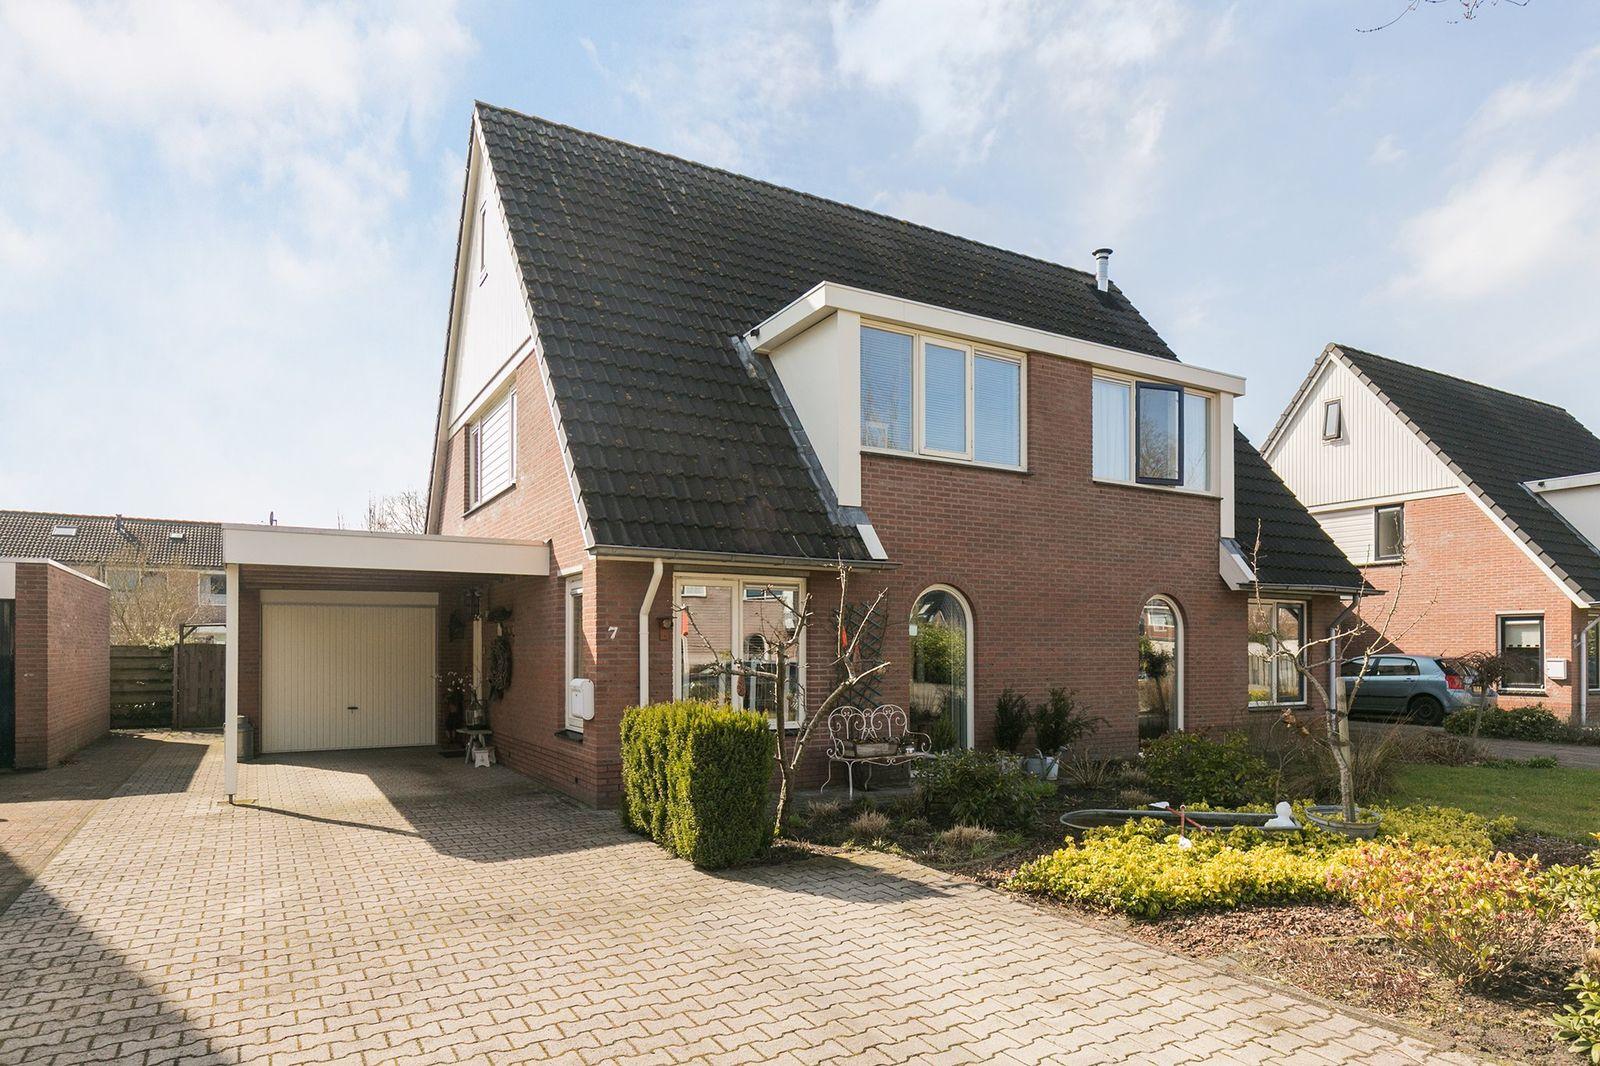 Nije Broek 7, Gieterveen